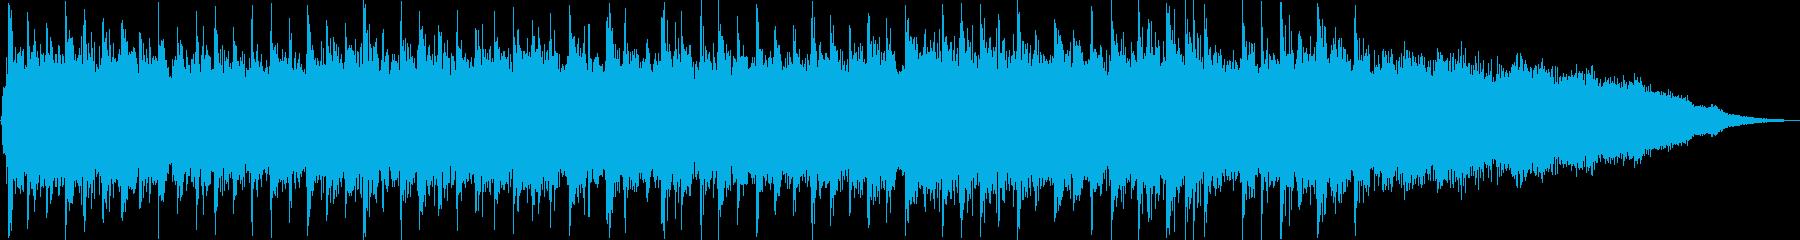 躍動感のあるロックポップなジングルの再生済みの波形